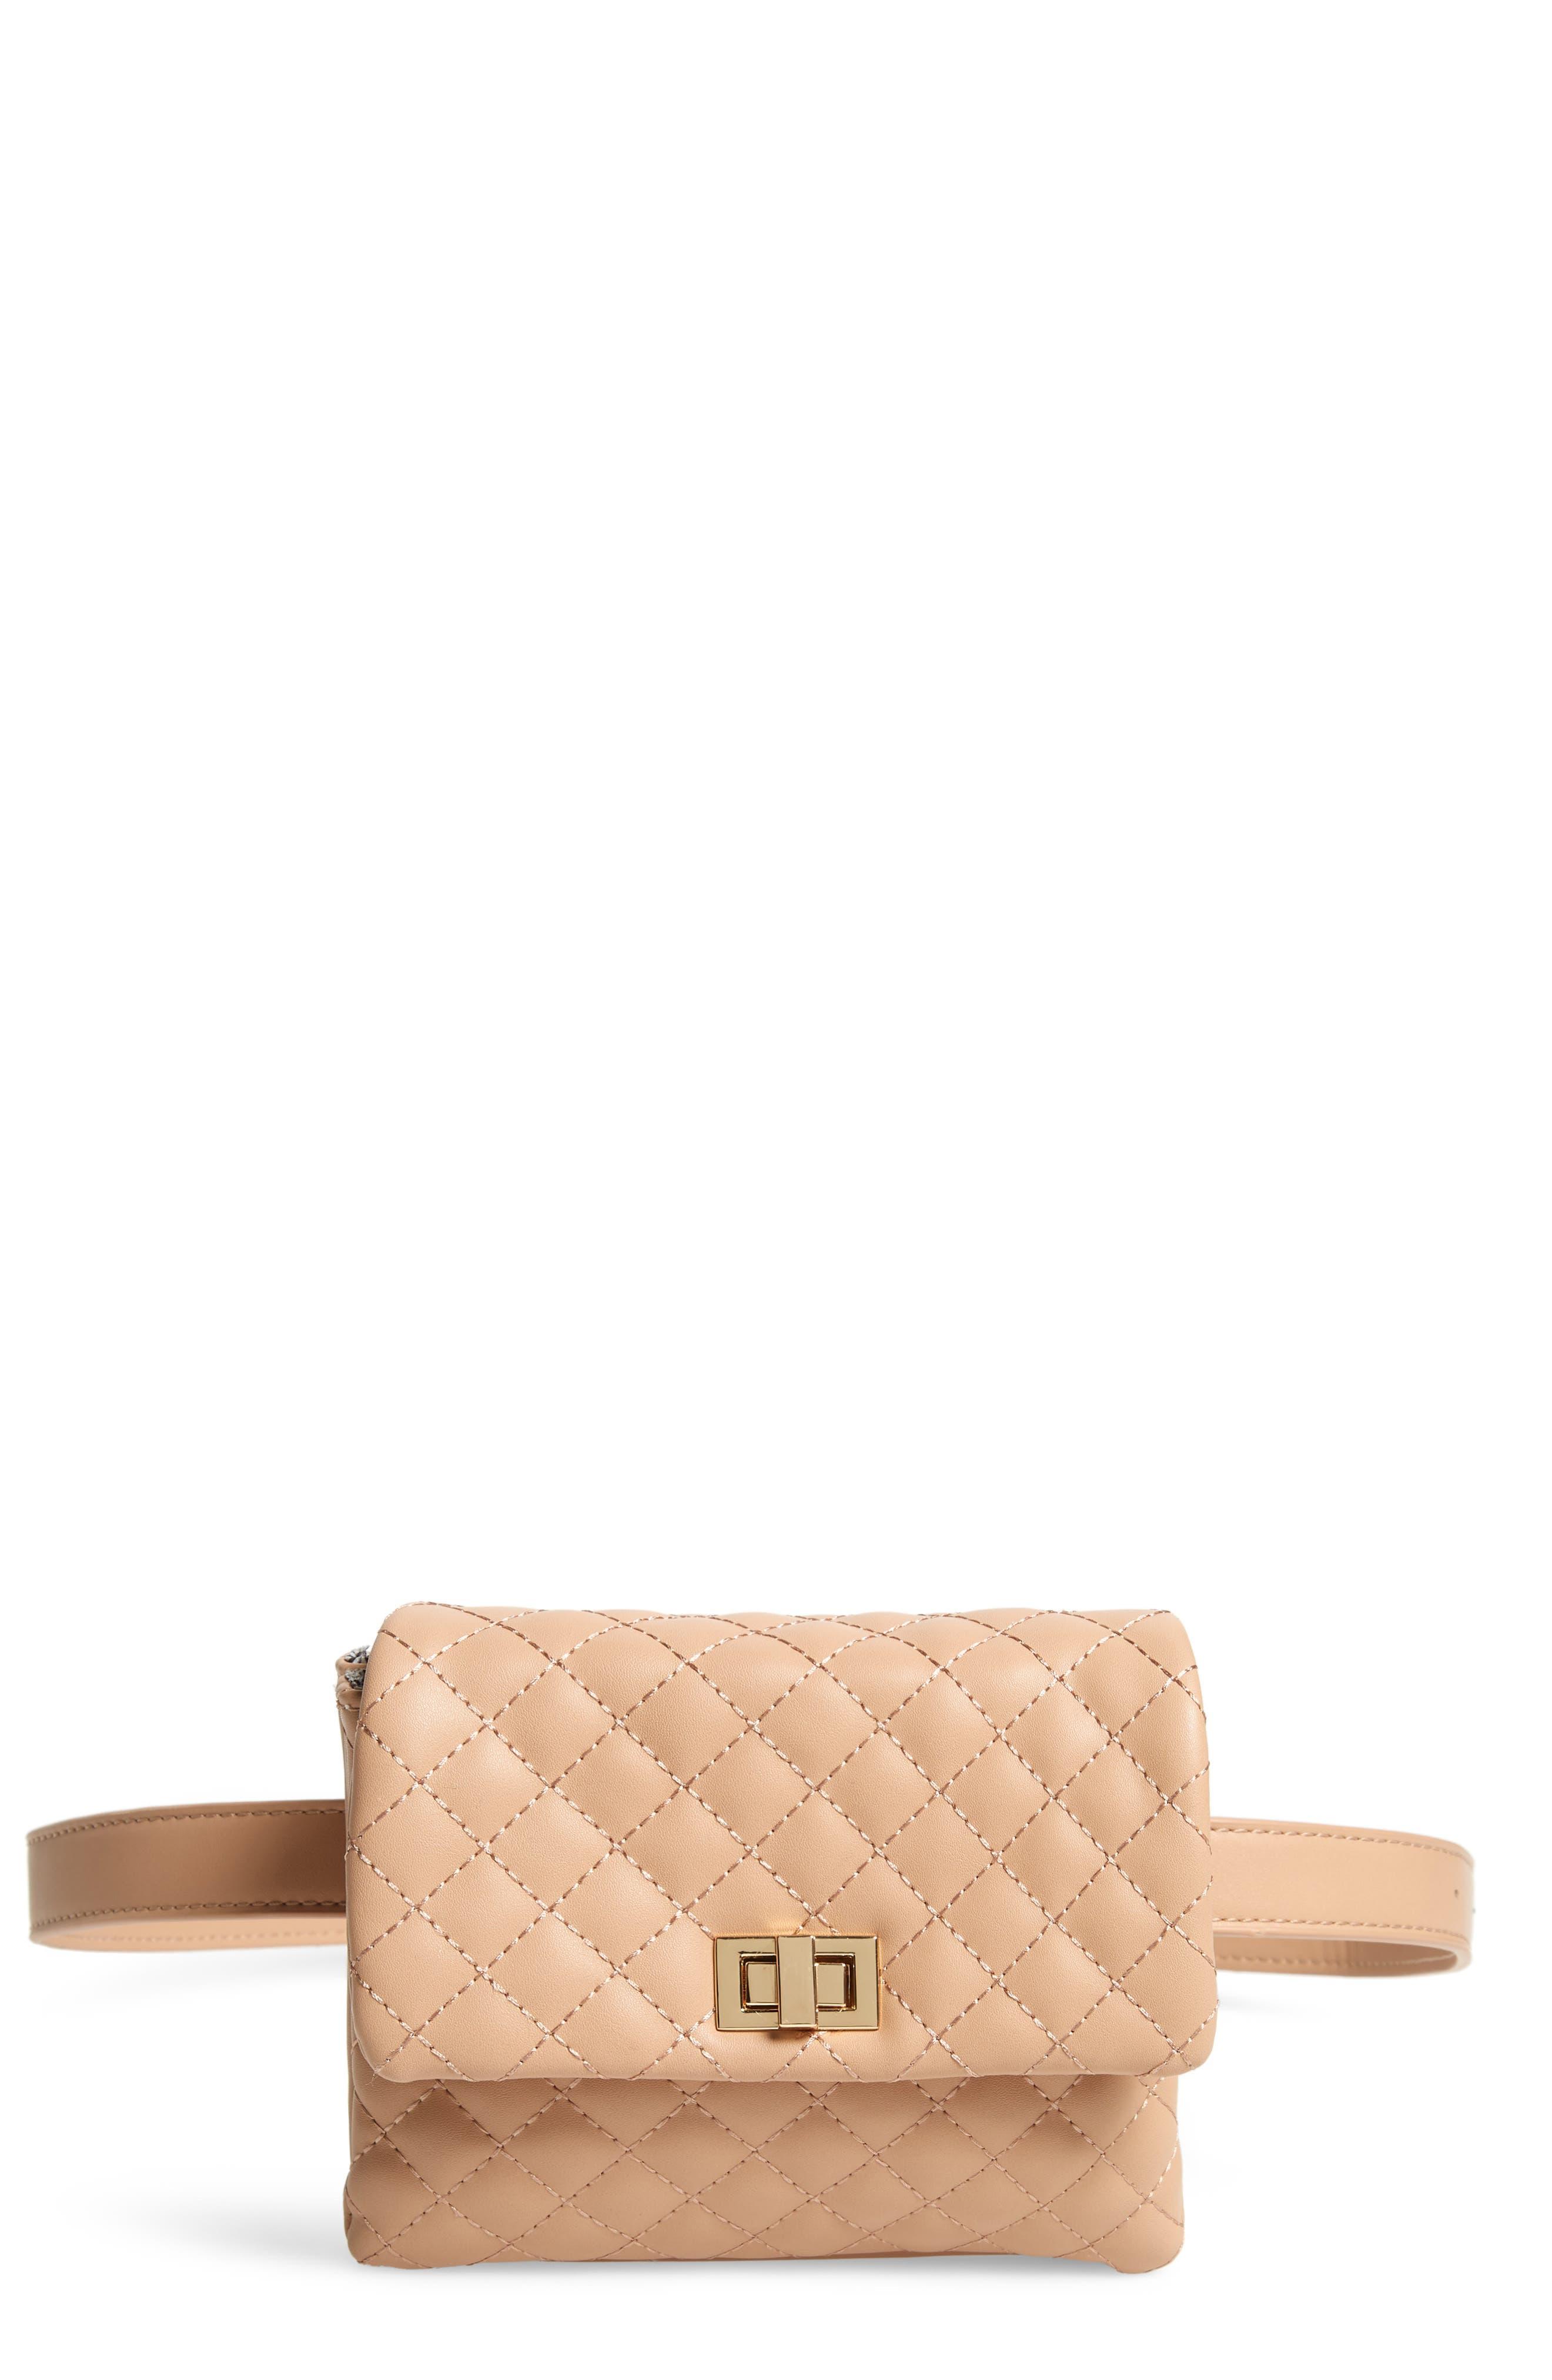 Mali + Lili Quilted Vegan Leather Belt Bag,                         Main,                         color, CAMEL